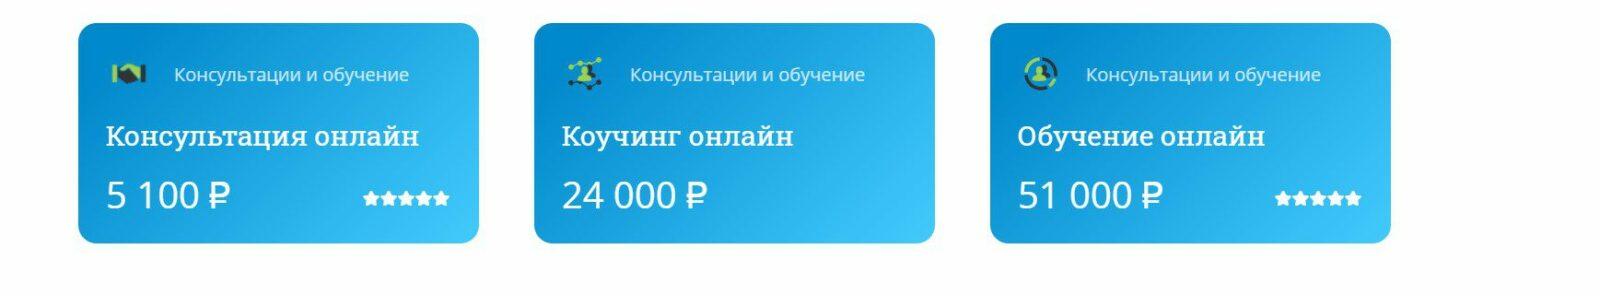 Цены Оксаны Гафаити